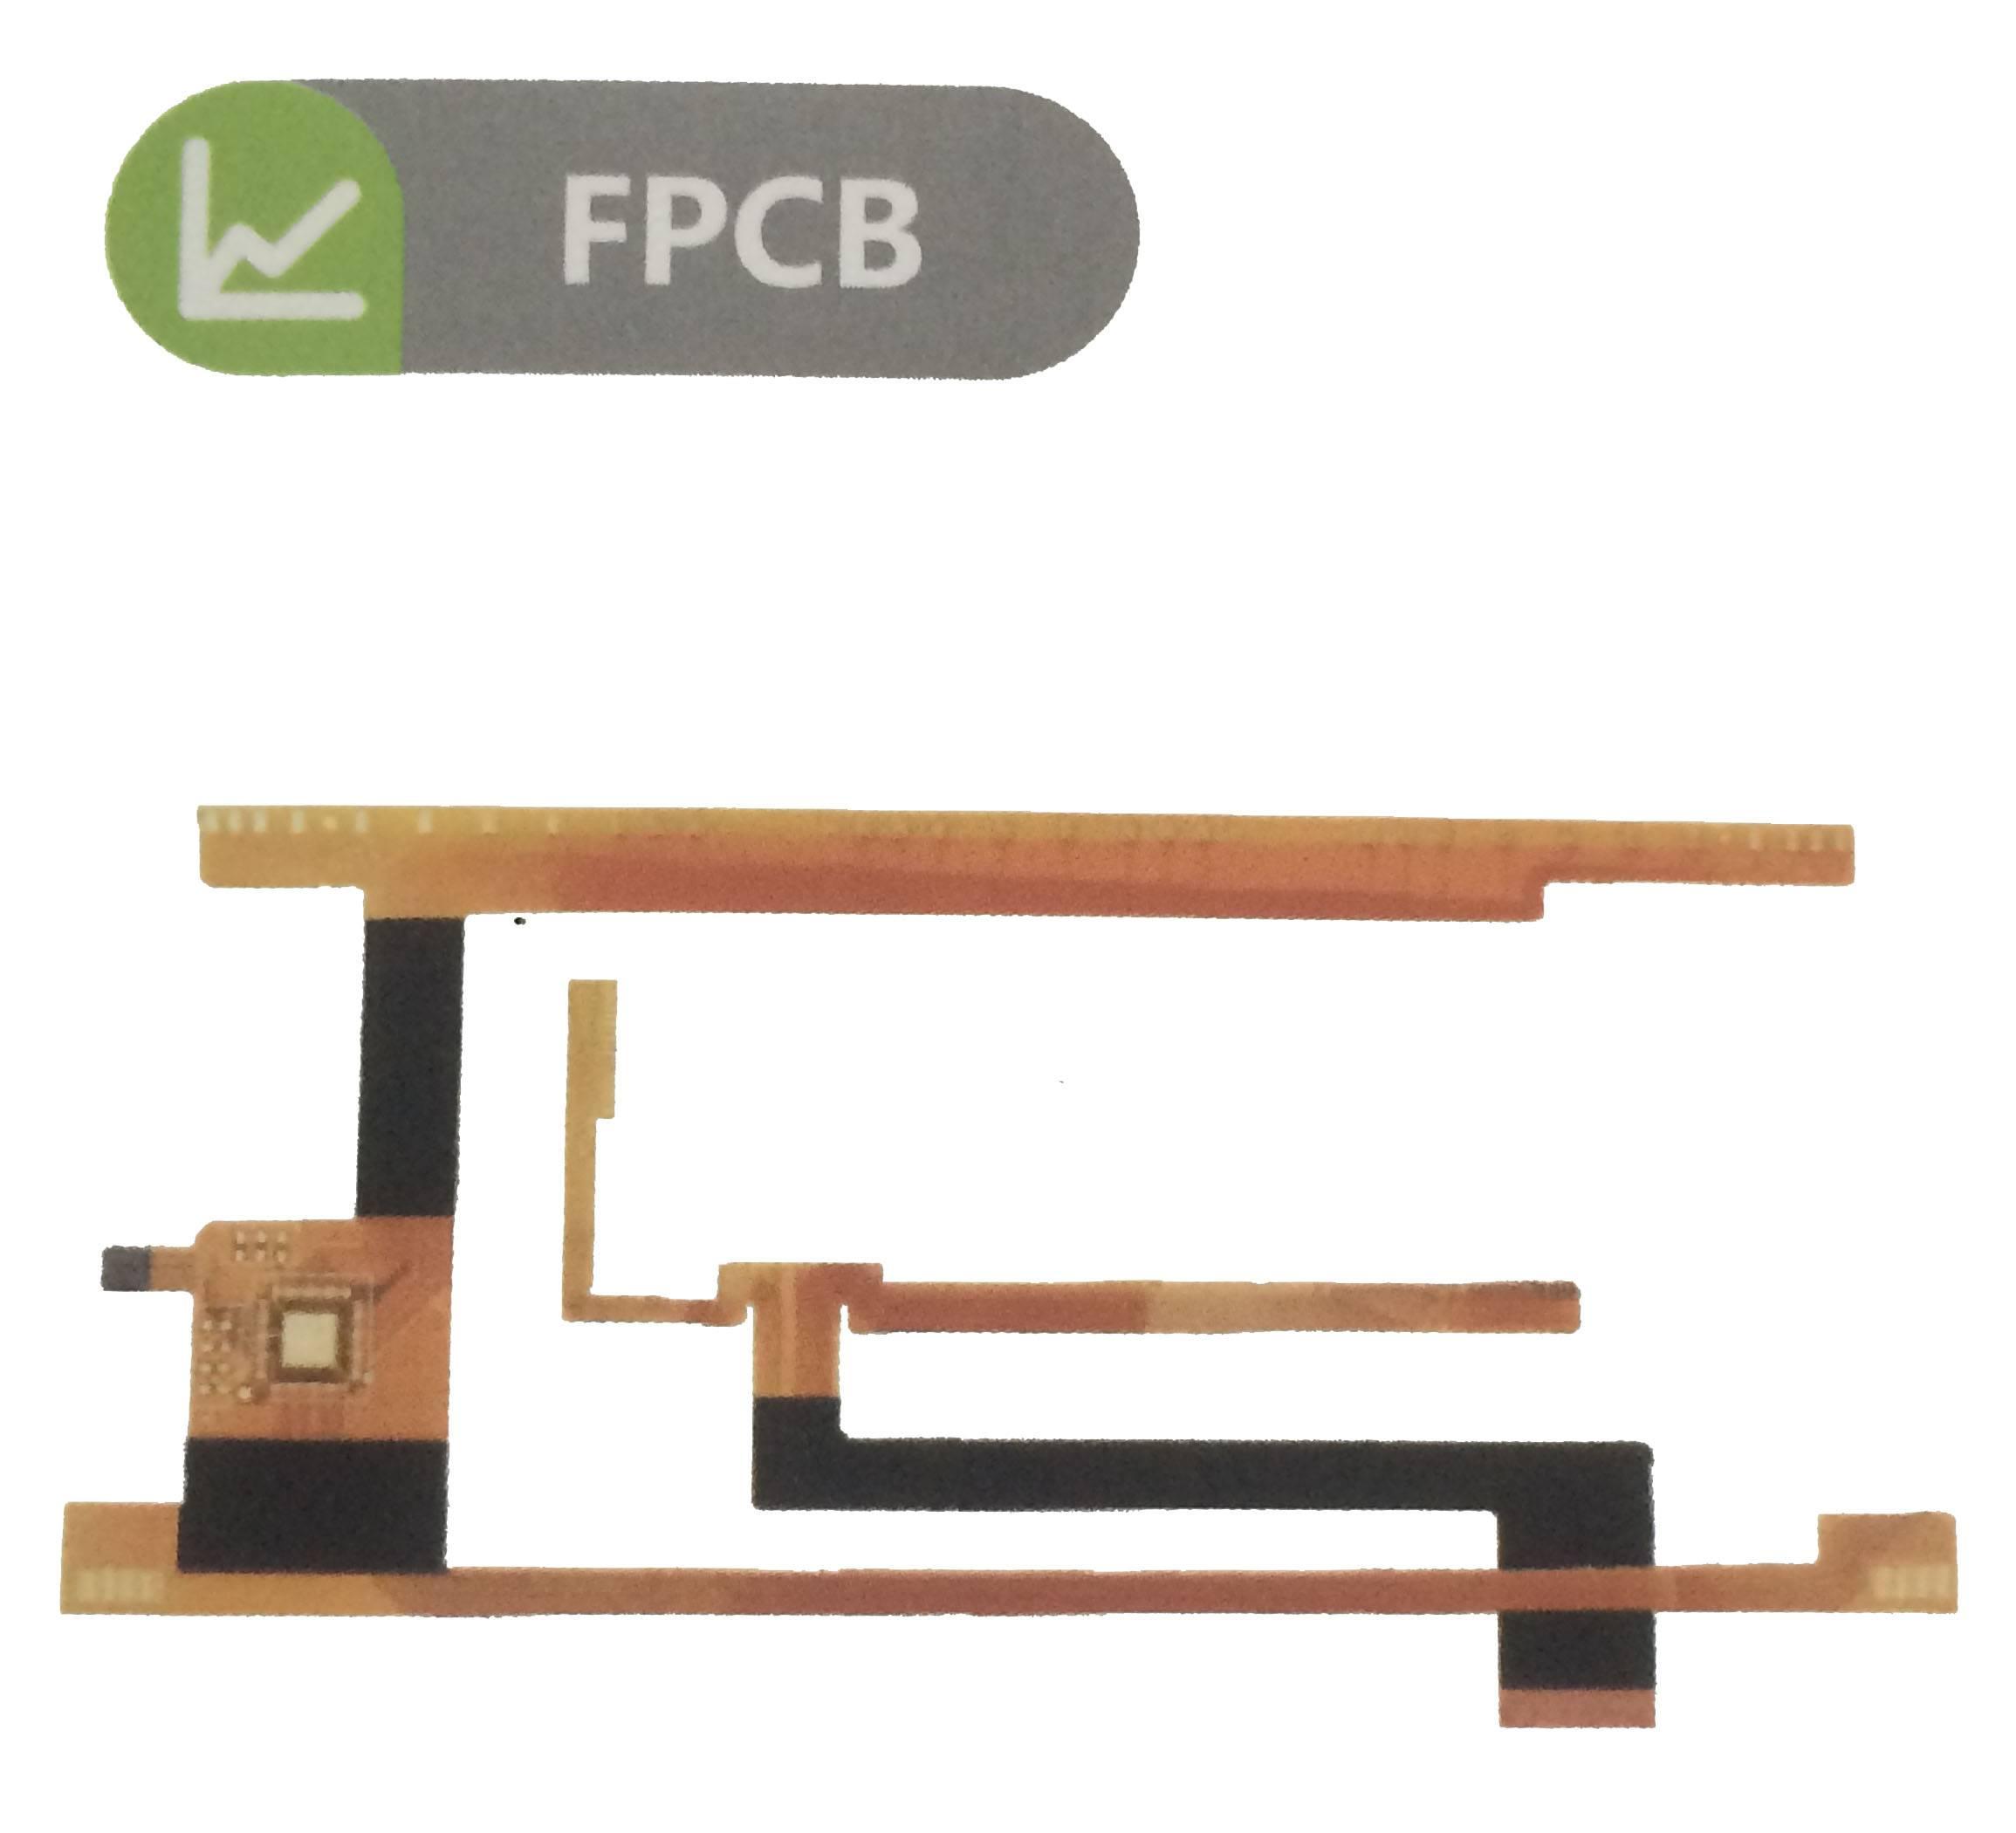 The ultrathin flexsible pcb board by shenbei factory in Shenzhen